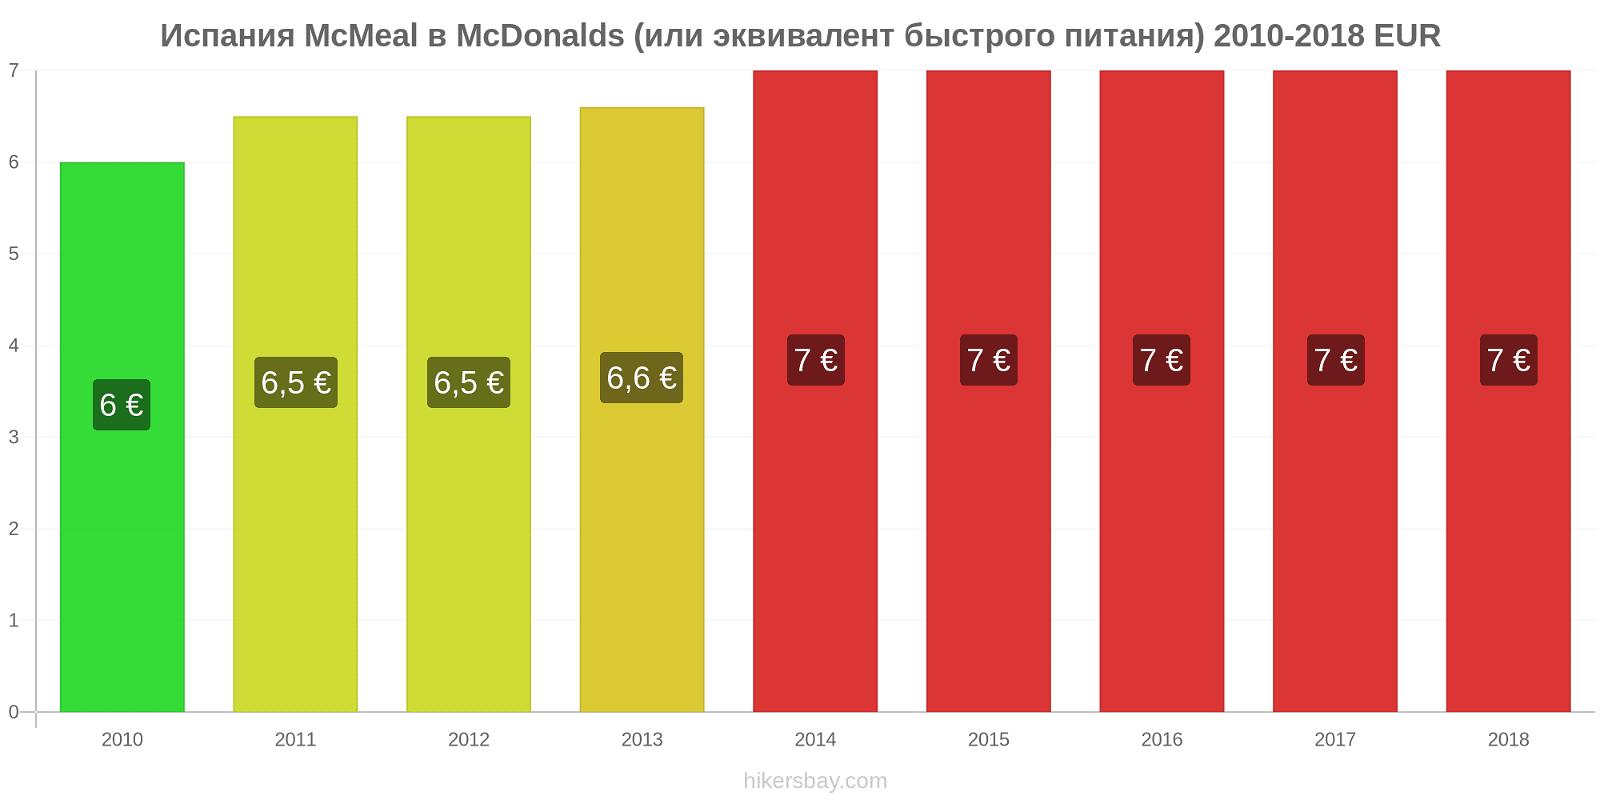 Испания изменения цен McMeal в McDonalds (или эквивалент быстрого питания) hikersbay.com